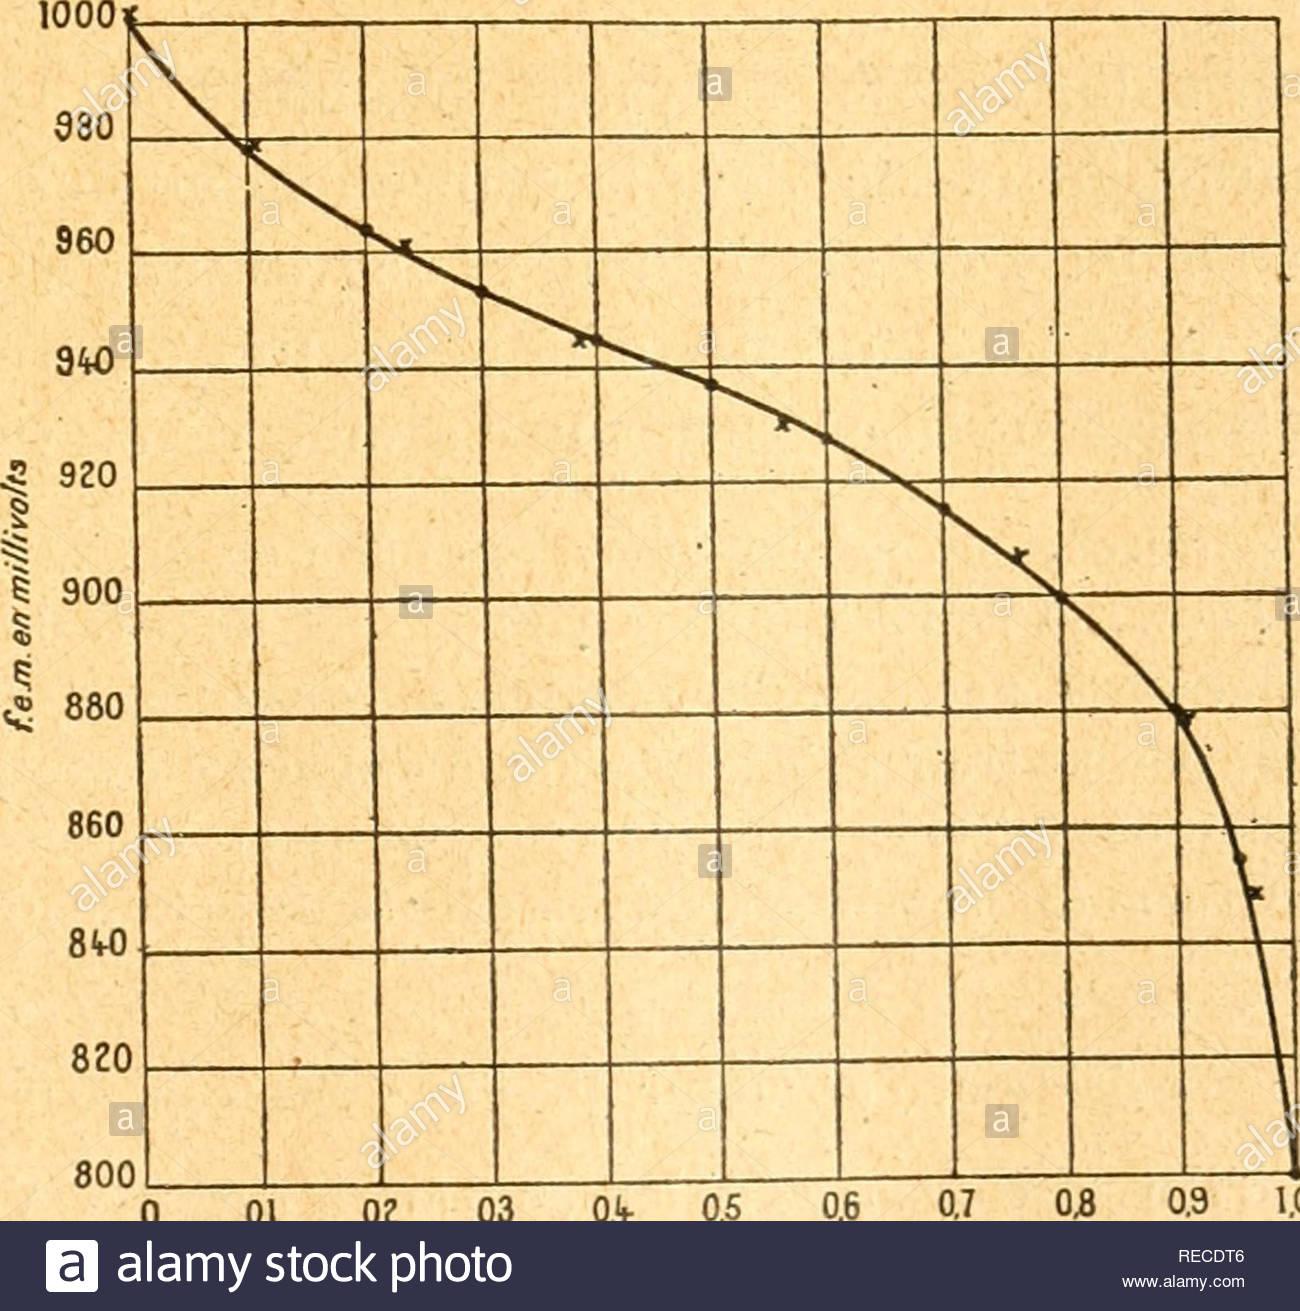 ptes rendus hebdomadaires des sances de lacadmie des sciences science societies etc science science sance du 3 avril i922 ajouts la concentration c se calcule partir de lquation 3 e = o4i0057 logc et la constante dquilibre partir de lquation 945 4 c k o le dernier terme est ngligeable 0d 10 2 io a e volts c k 0 i 001 426io 6i5io gt 02 0965 68 03 0954 625 04 0946 58 06 0928 1 55 08 0900 25i10 9 62 09 0880 549 0 61 les valeurs de k sont trs se RECDT6